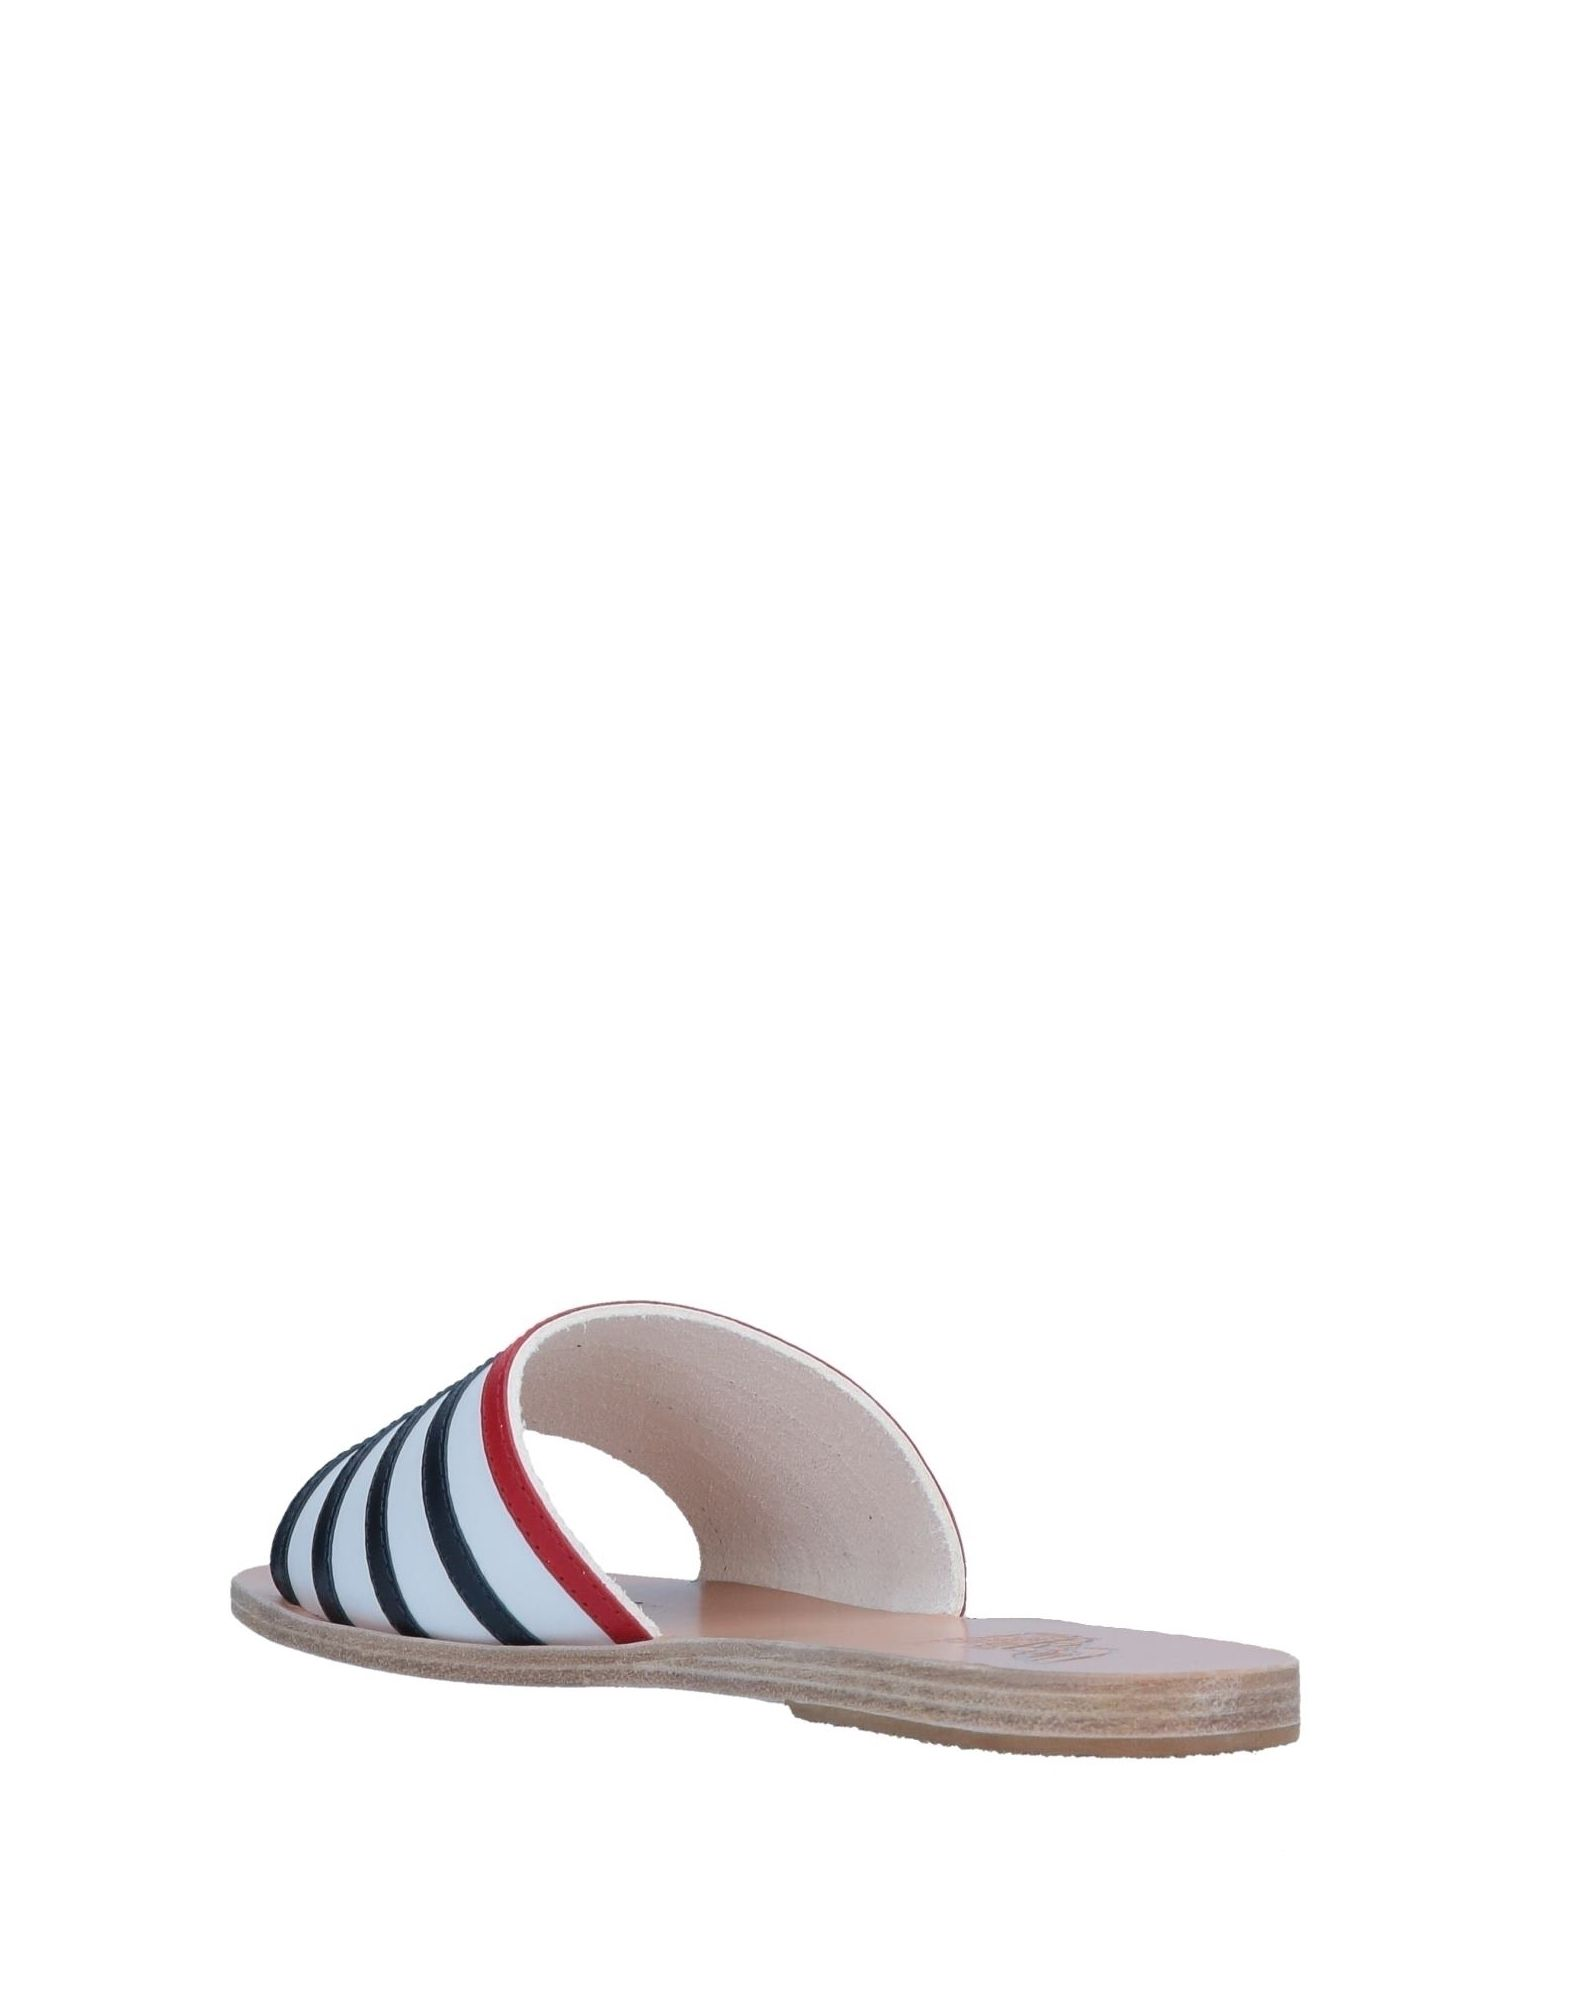 Ancient Sandals Greek Sandals Ancient Sandalen Damen  11543778EJ 67bd1a